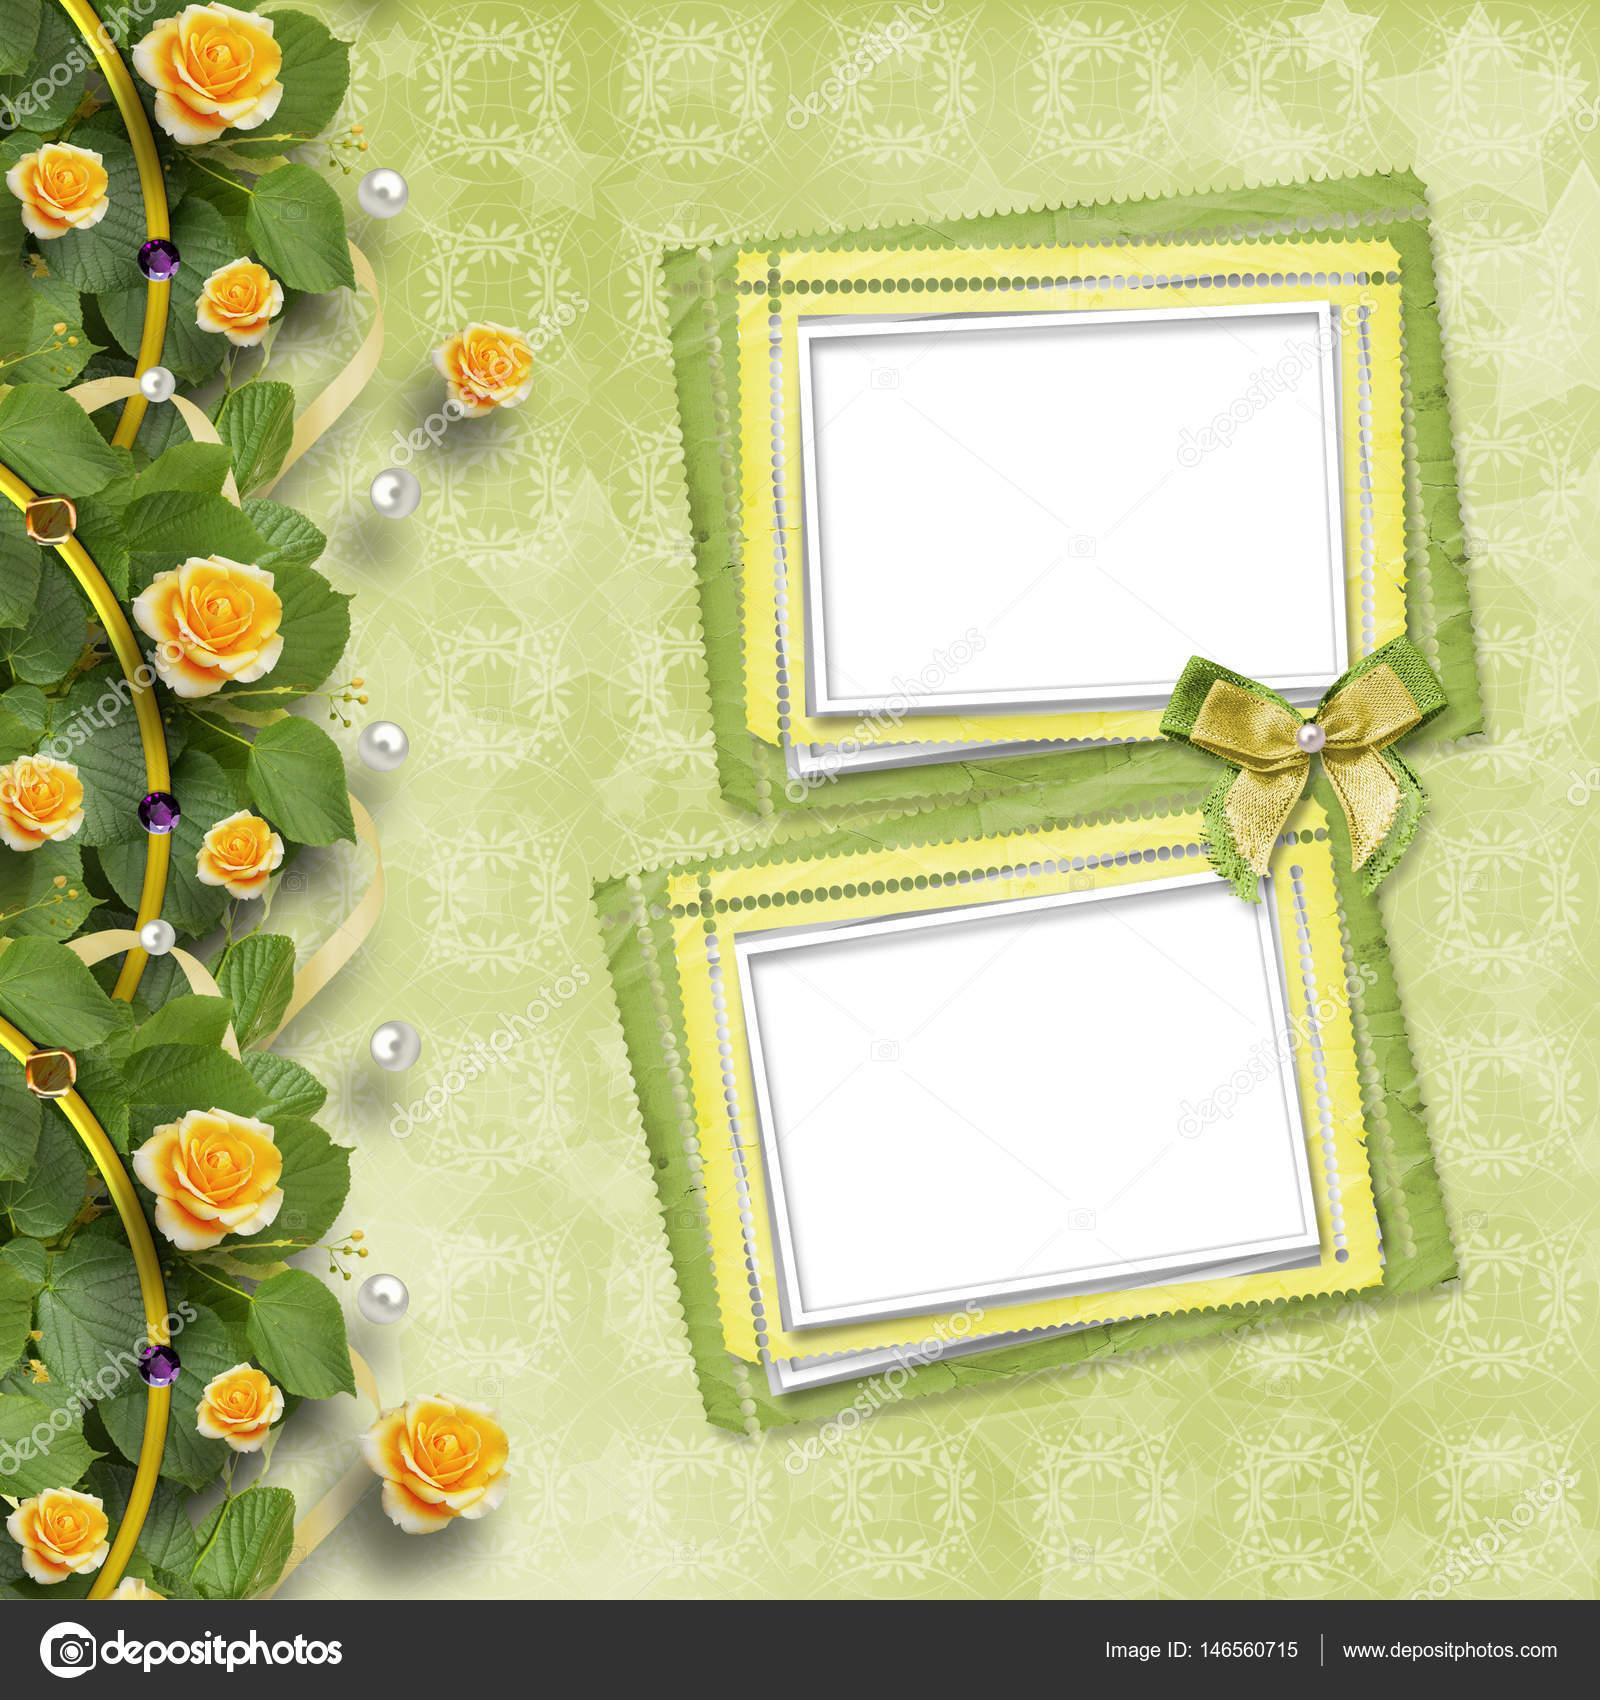 Schöne Grußkarte mit gelben Rosen und Papier Rahmen — Stockfoto ...